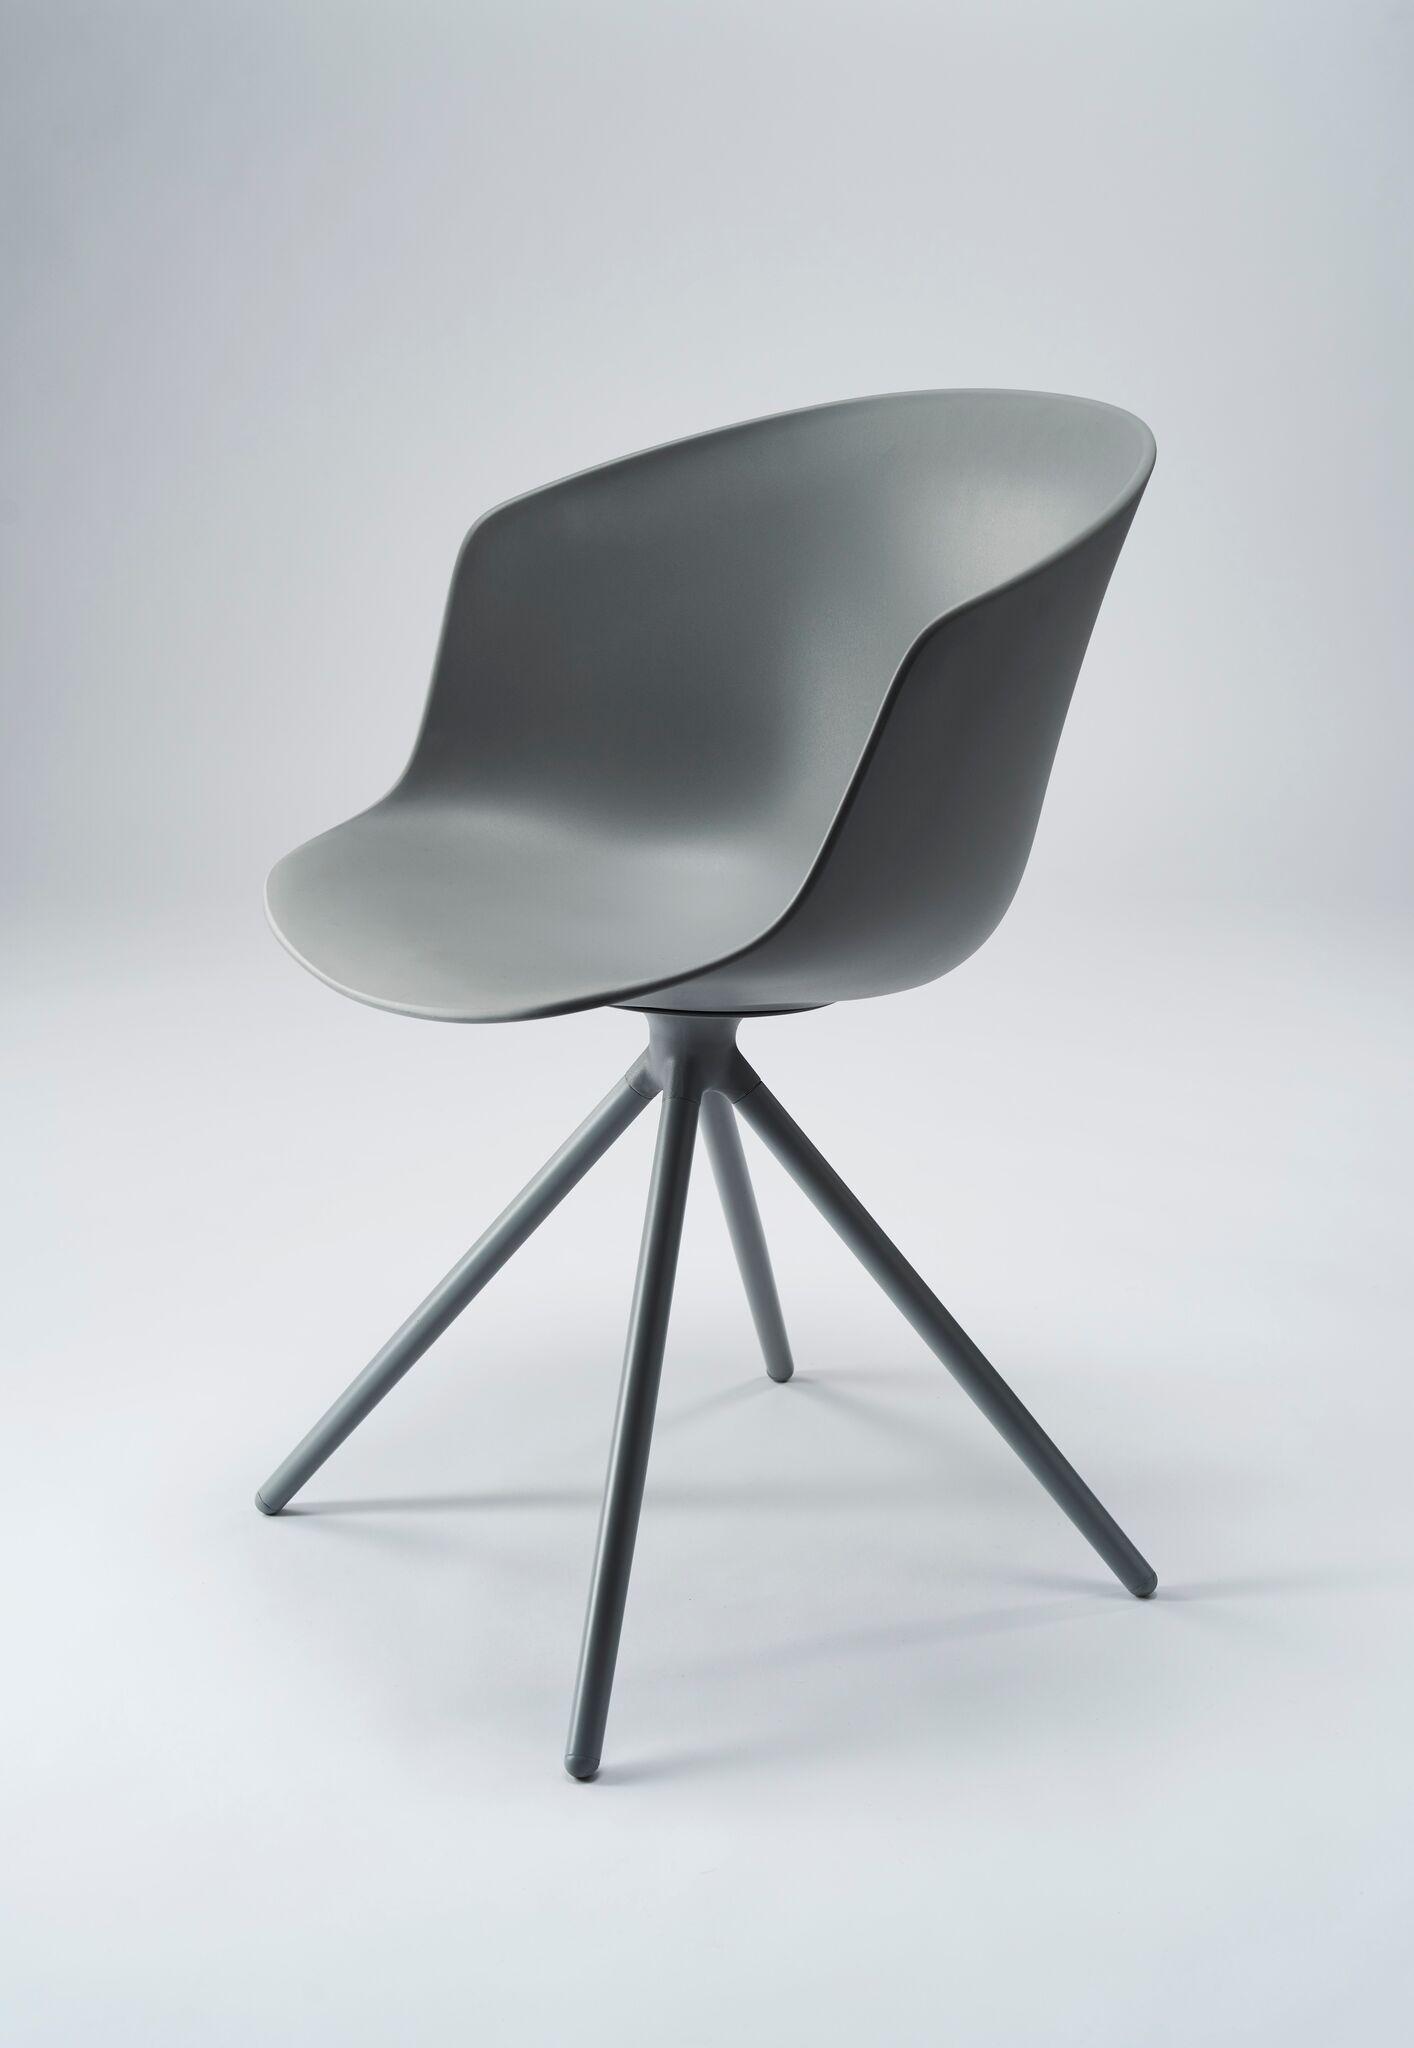 Bijzondere Design Stoelen.Mono Chair Design By 365 North Voor Won Smukdesign